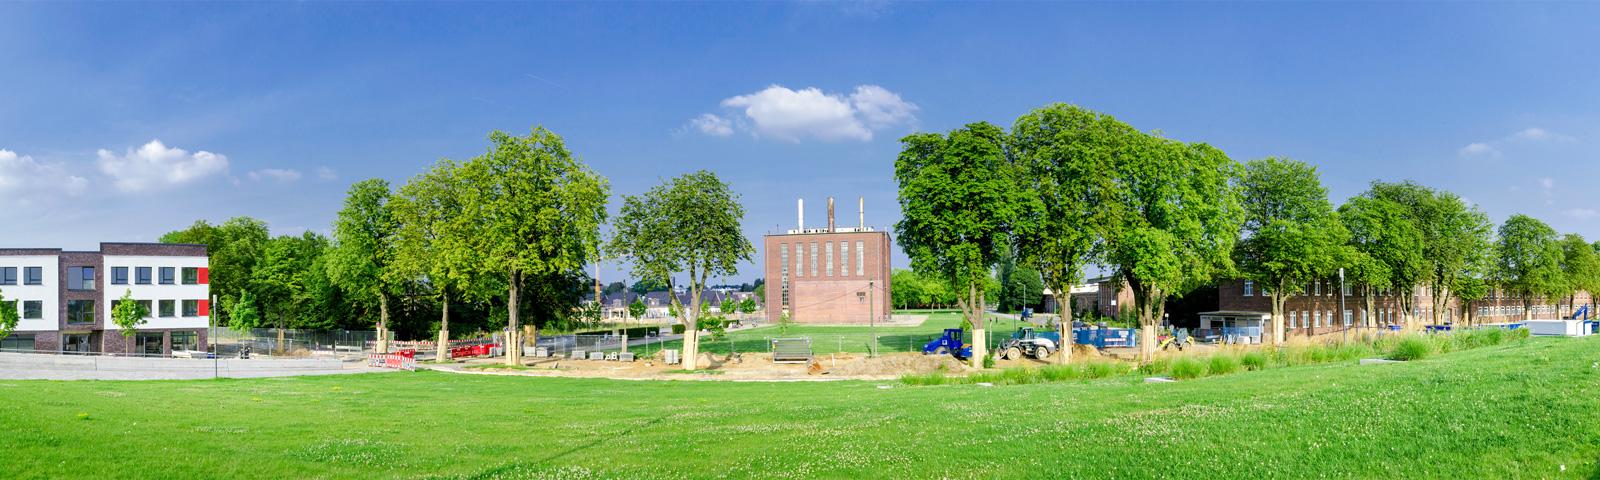 neue bahnstadt opladen Panorama